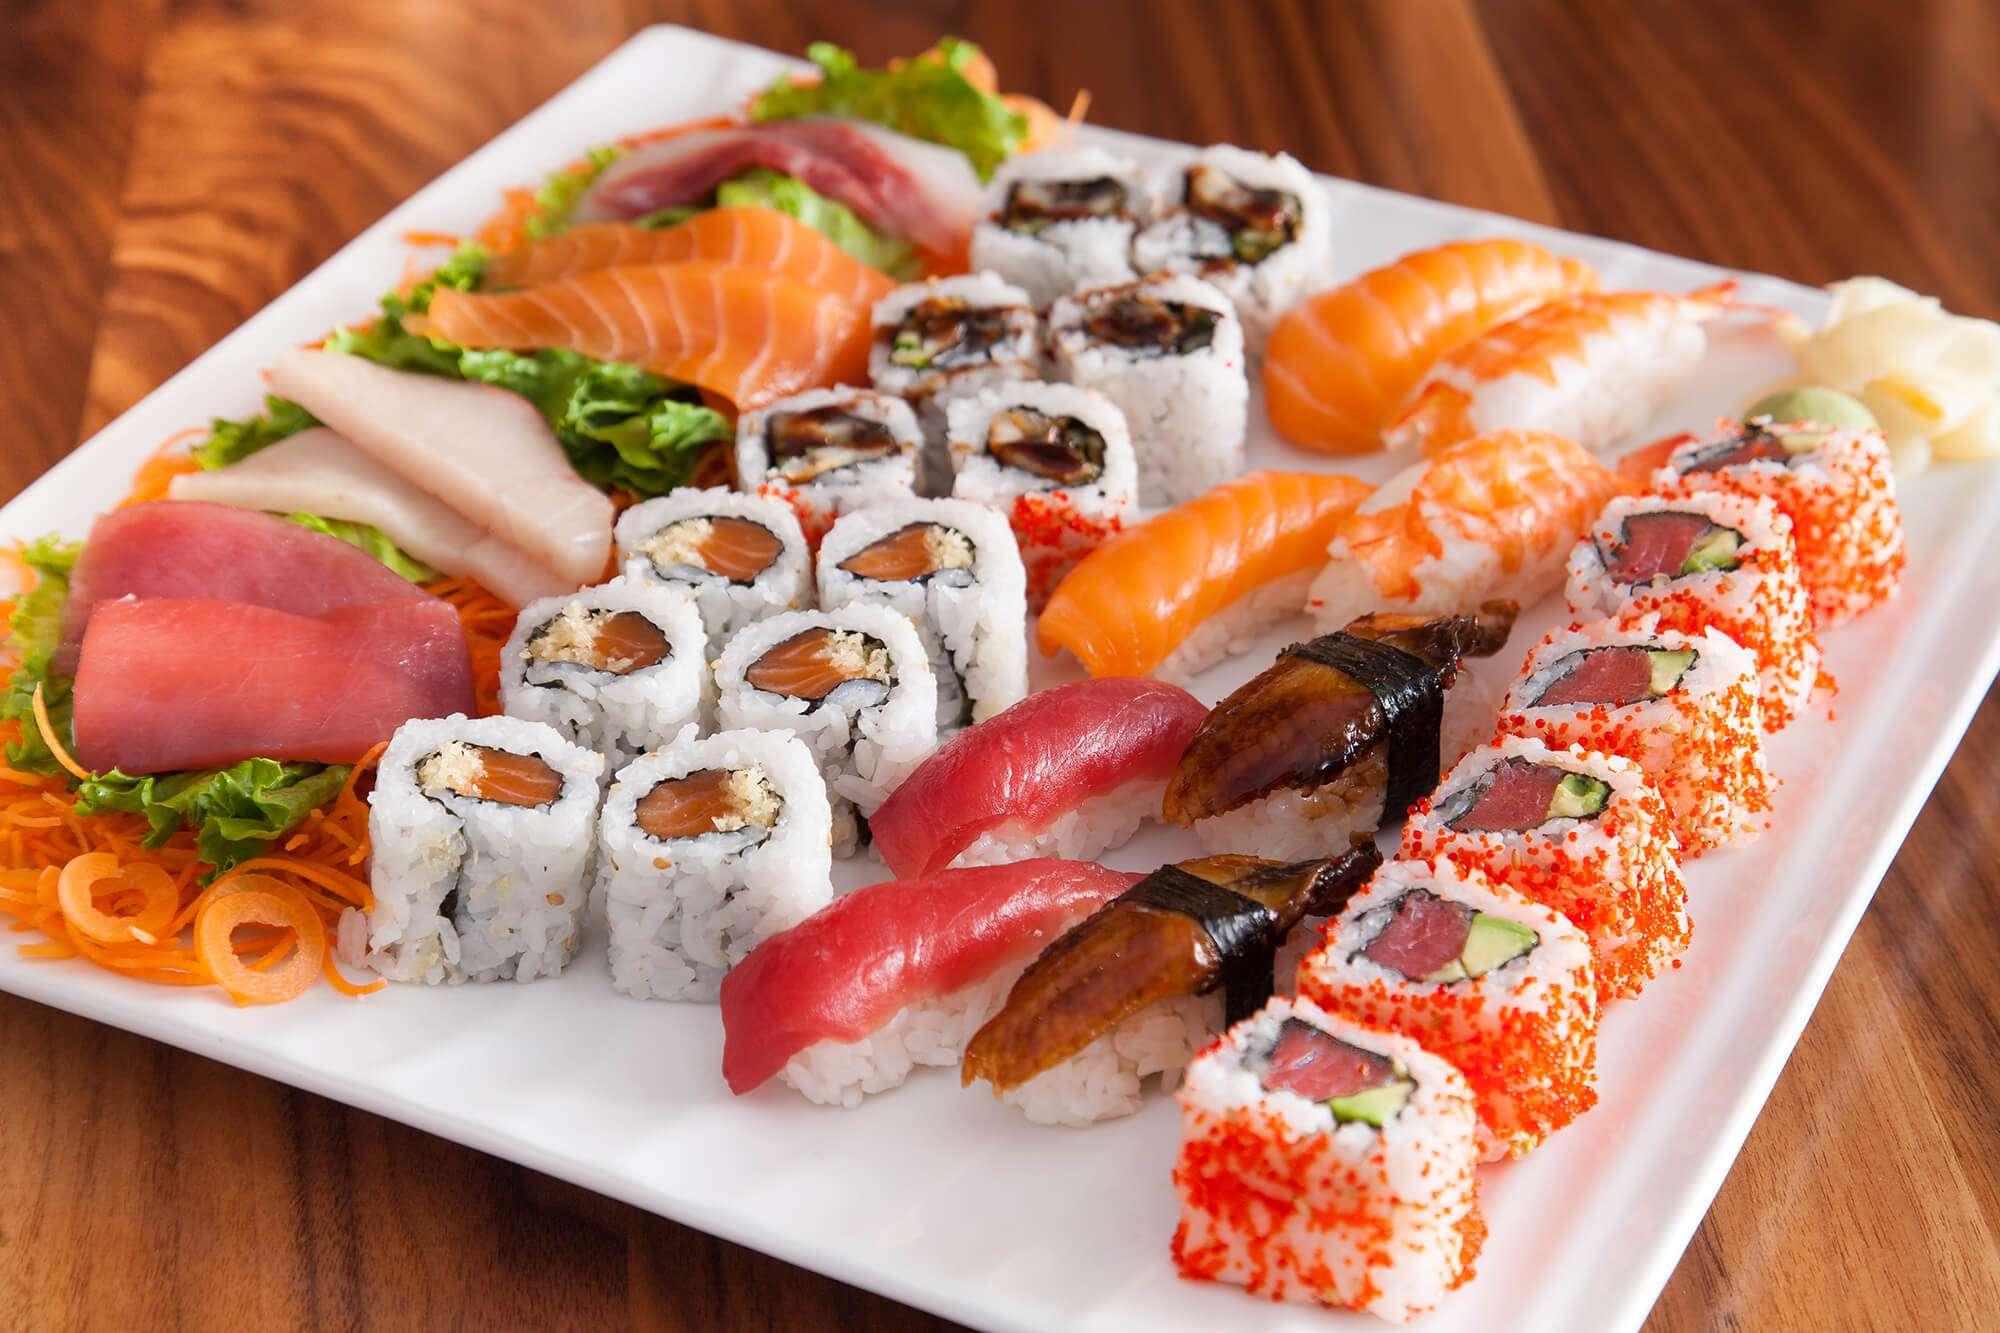 Đây là một trong những món ăn không thể thiếu trong các bữa ăn của người Nhật